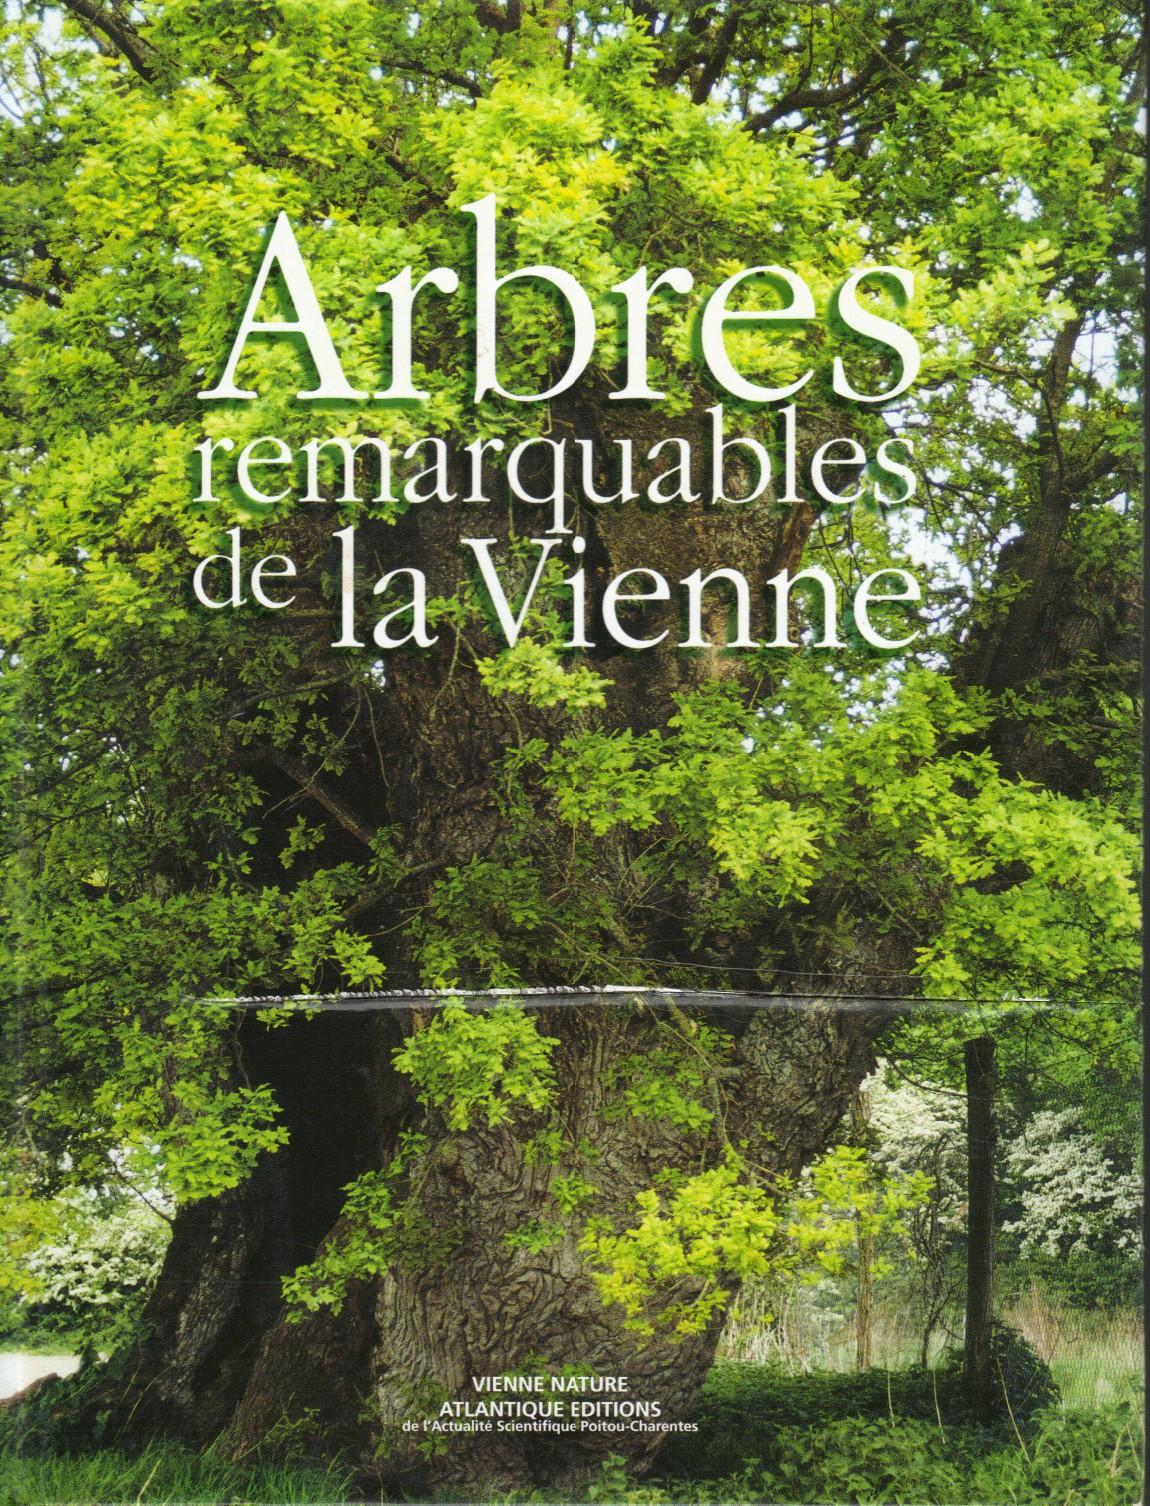 Les arbres remarquables de la vienne krapo arboricole for Habitat de la vienne chatellerault